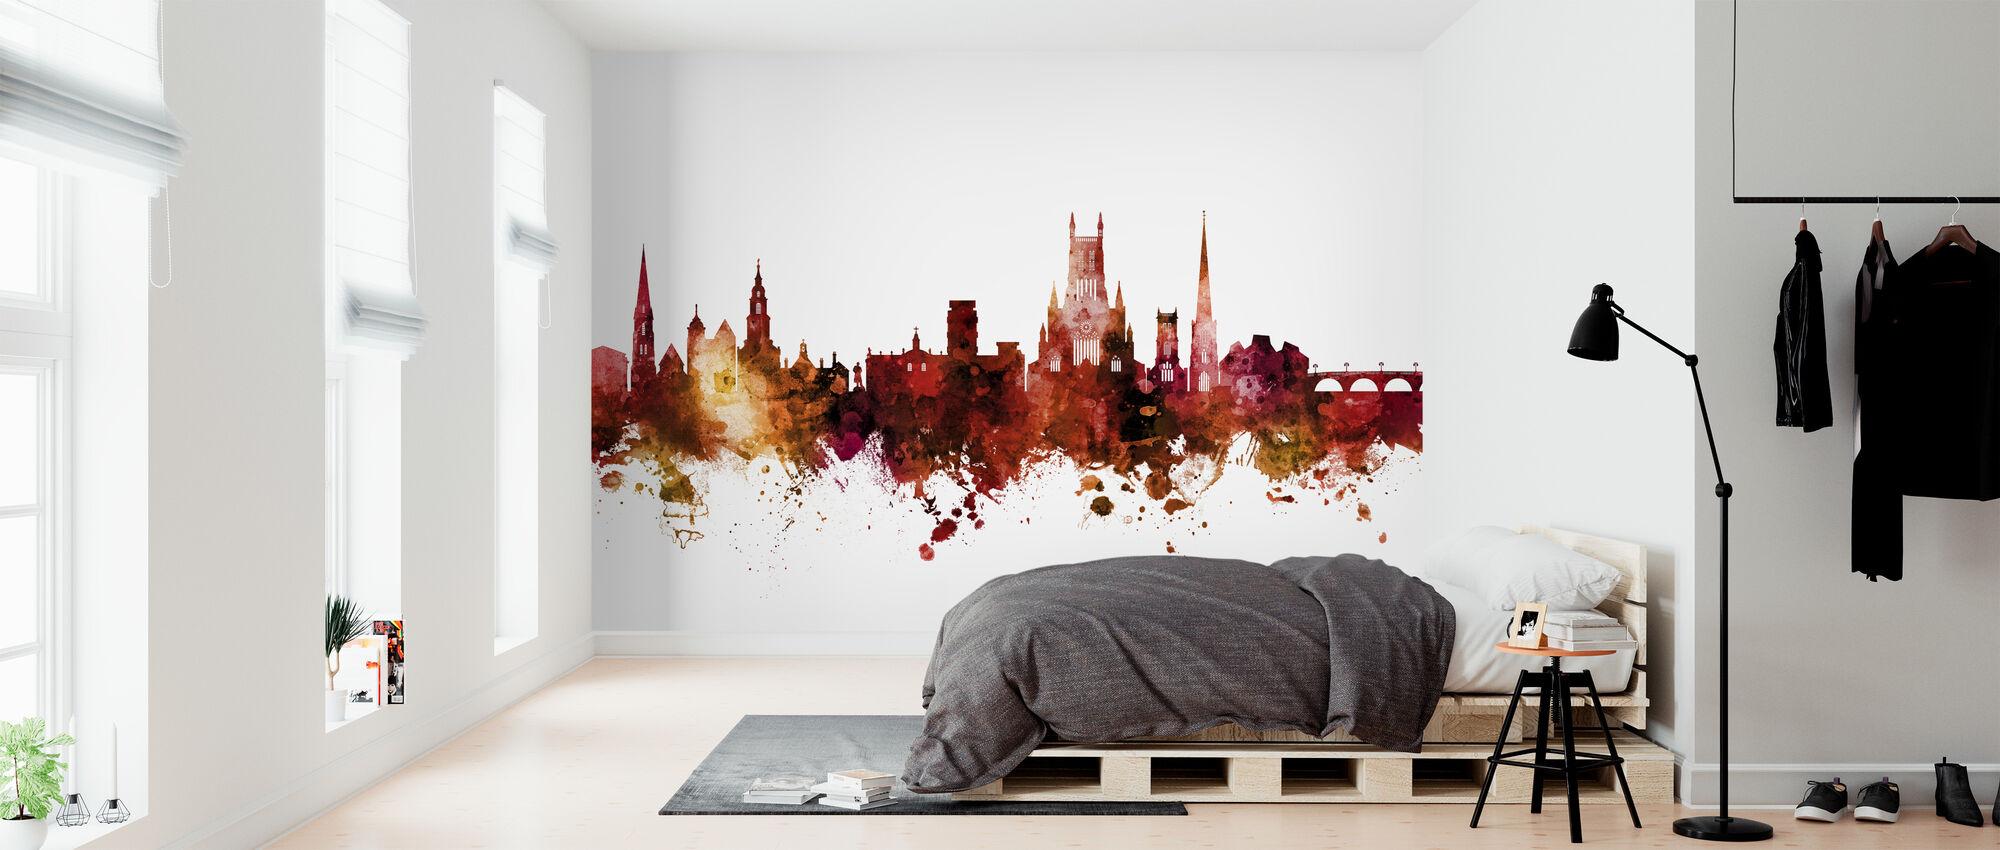 Worcester England Skyline - Wallpaper - Bedroom